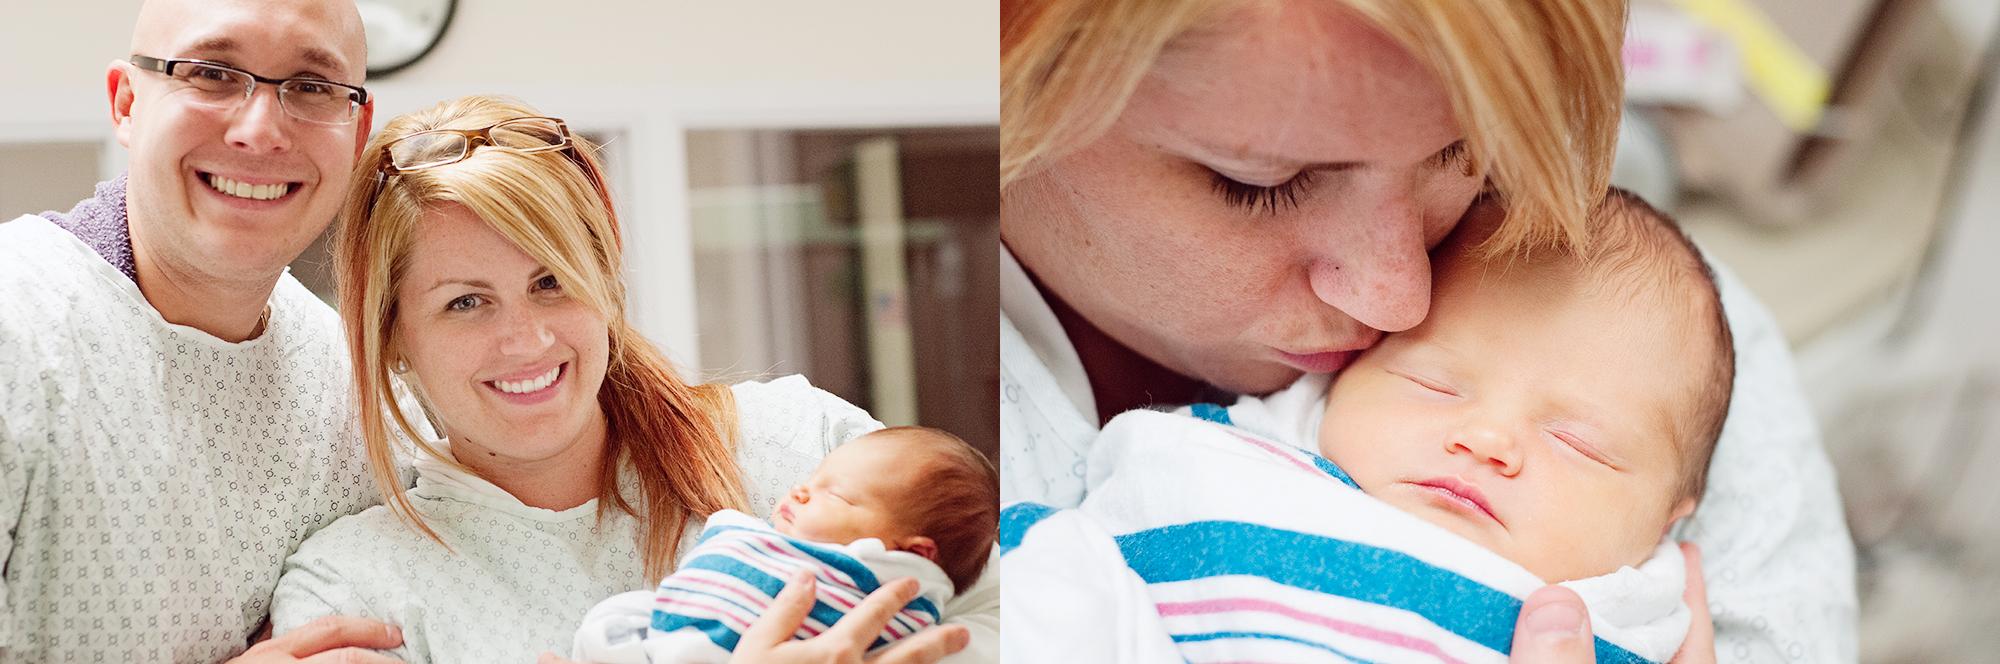 on working and prayer and motherhood \\ sarahsandel.com